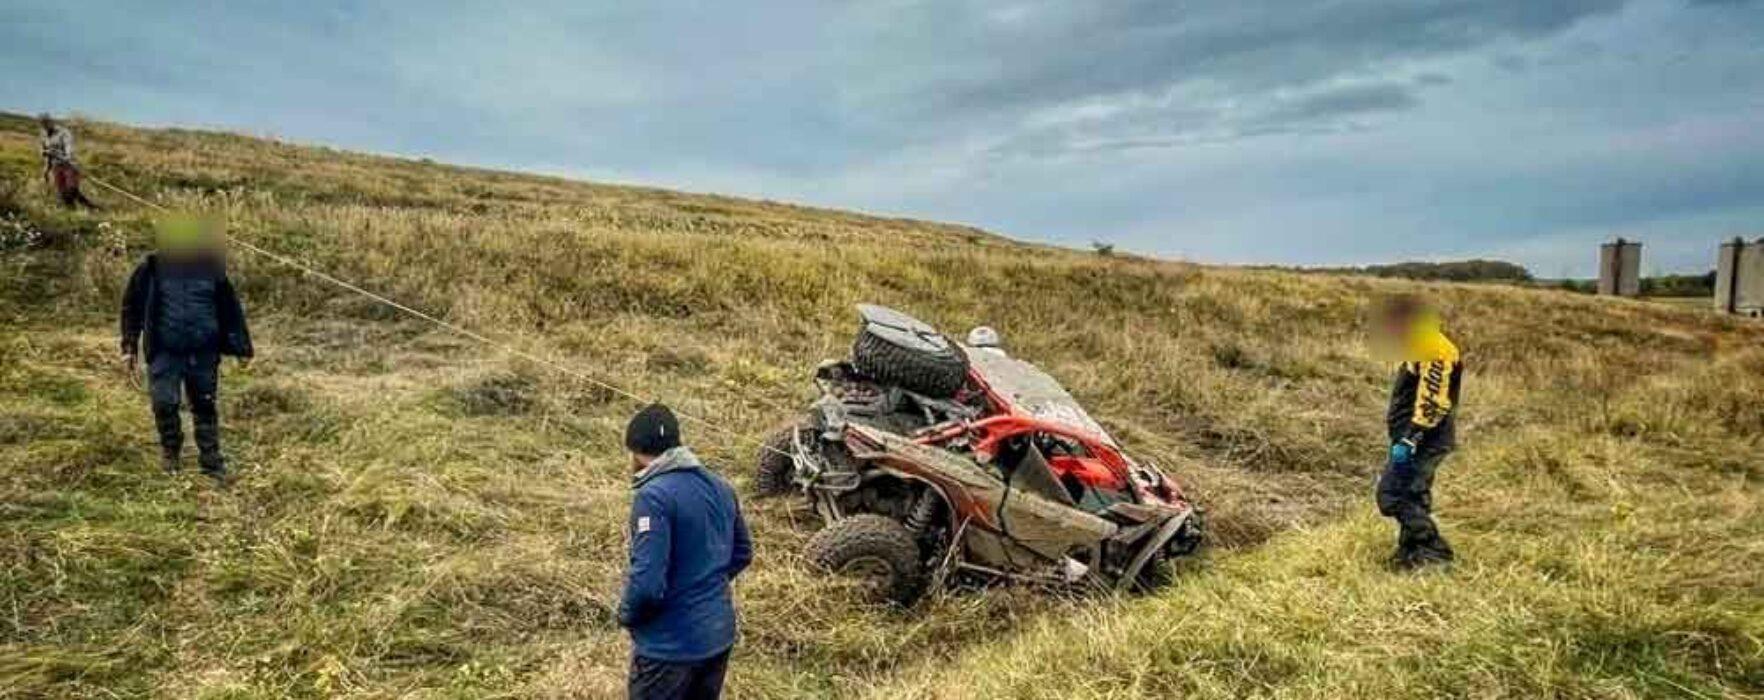 Dâmboviţa: Accident la un concurs de off-road, un pilot s-a răsturnat cu maşina